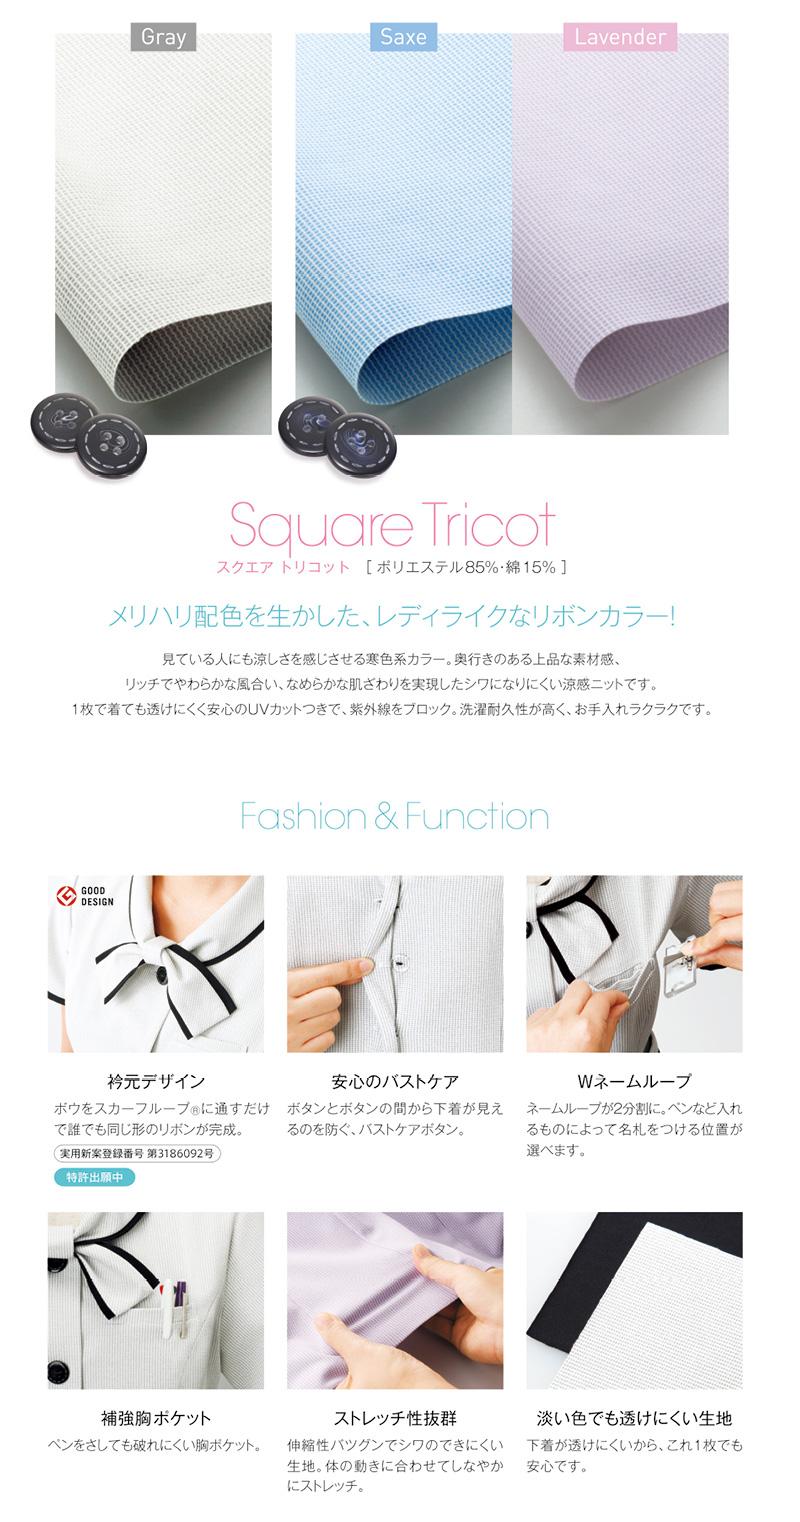 【全3色】オーバーブラウス(透け防止・UVカット)